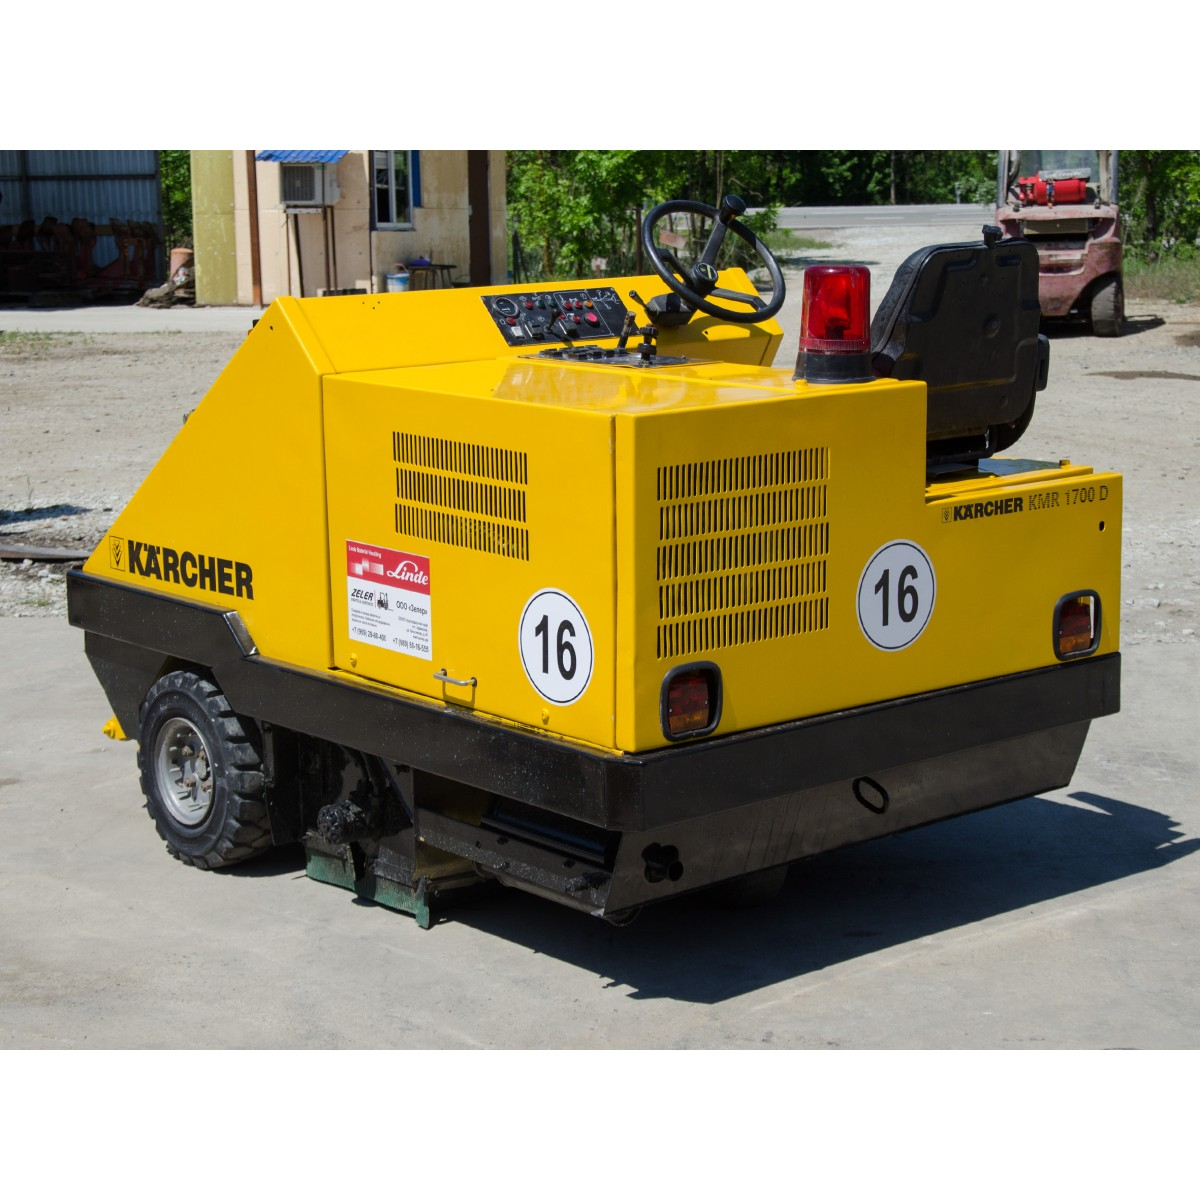 Подметальная вакуумная машина karcher kmr 1700 d